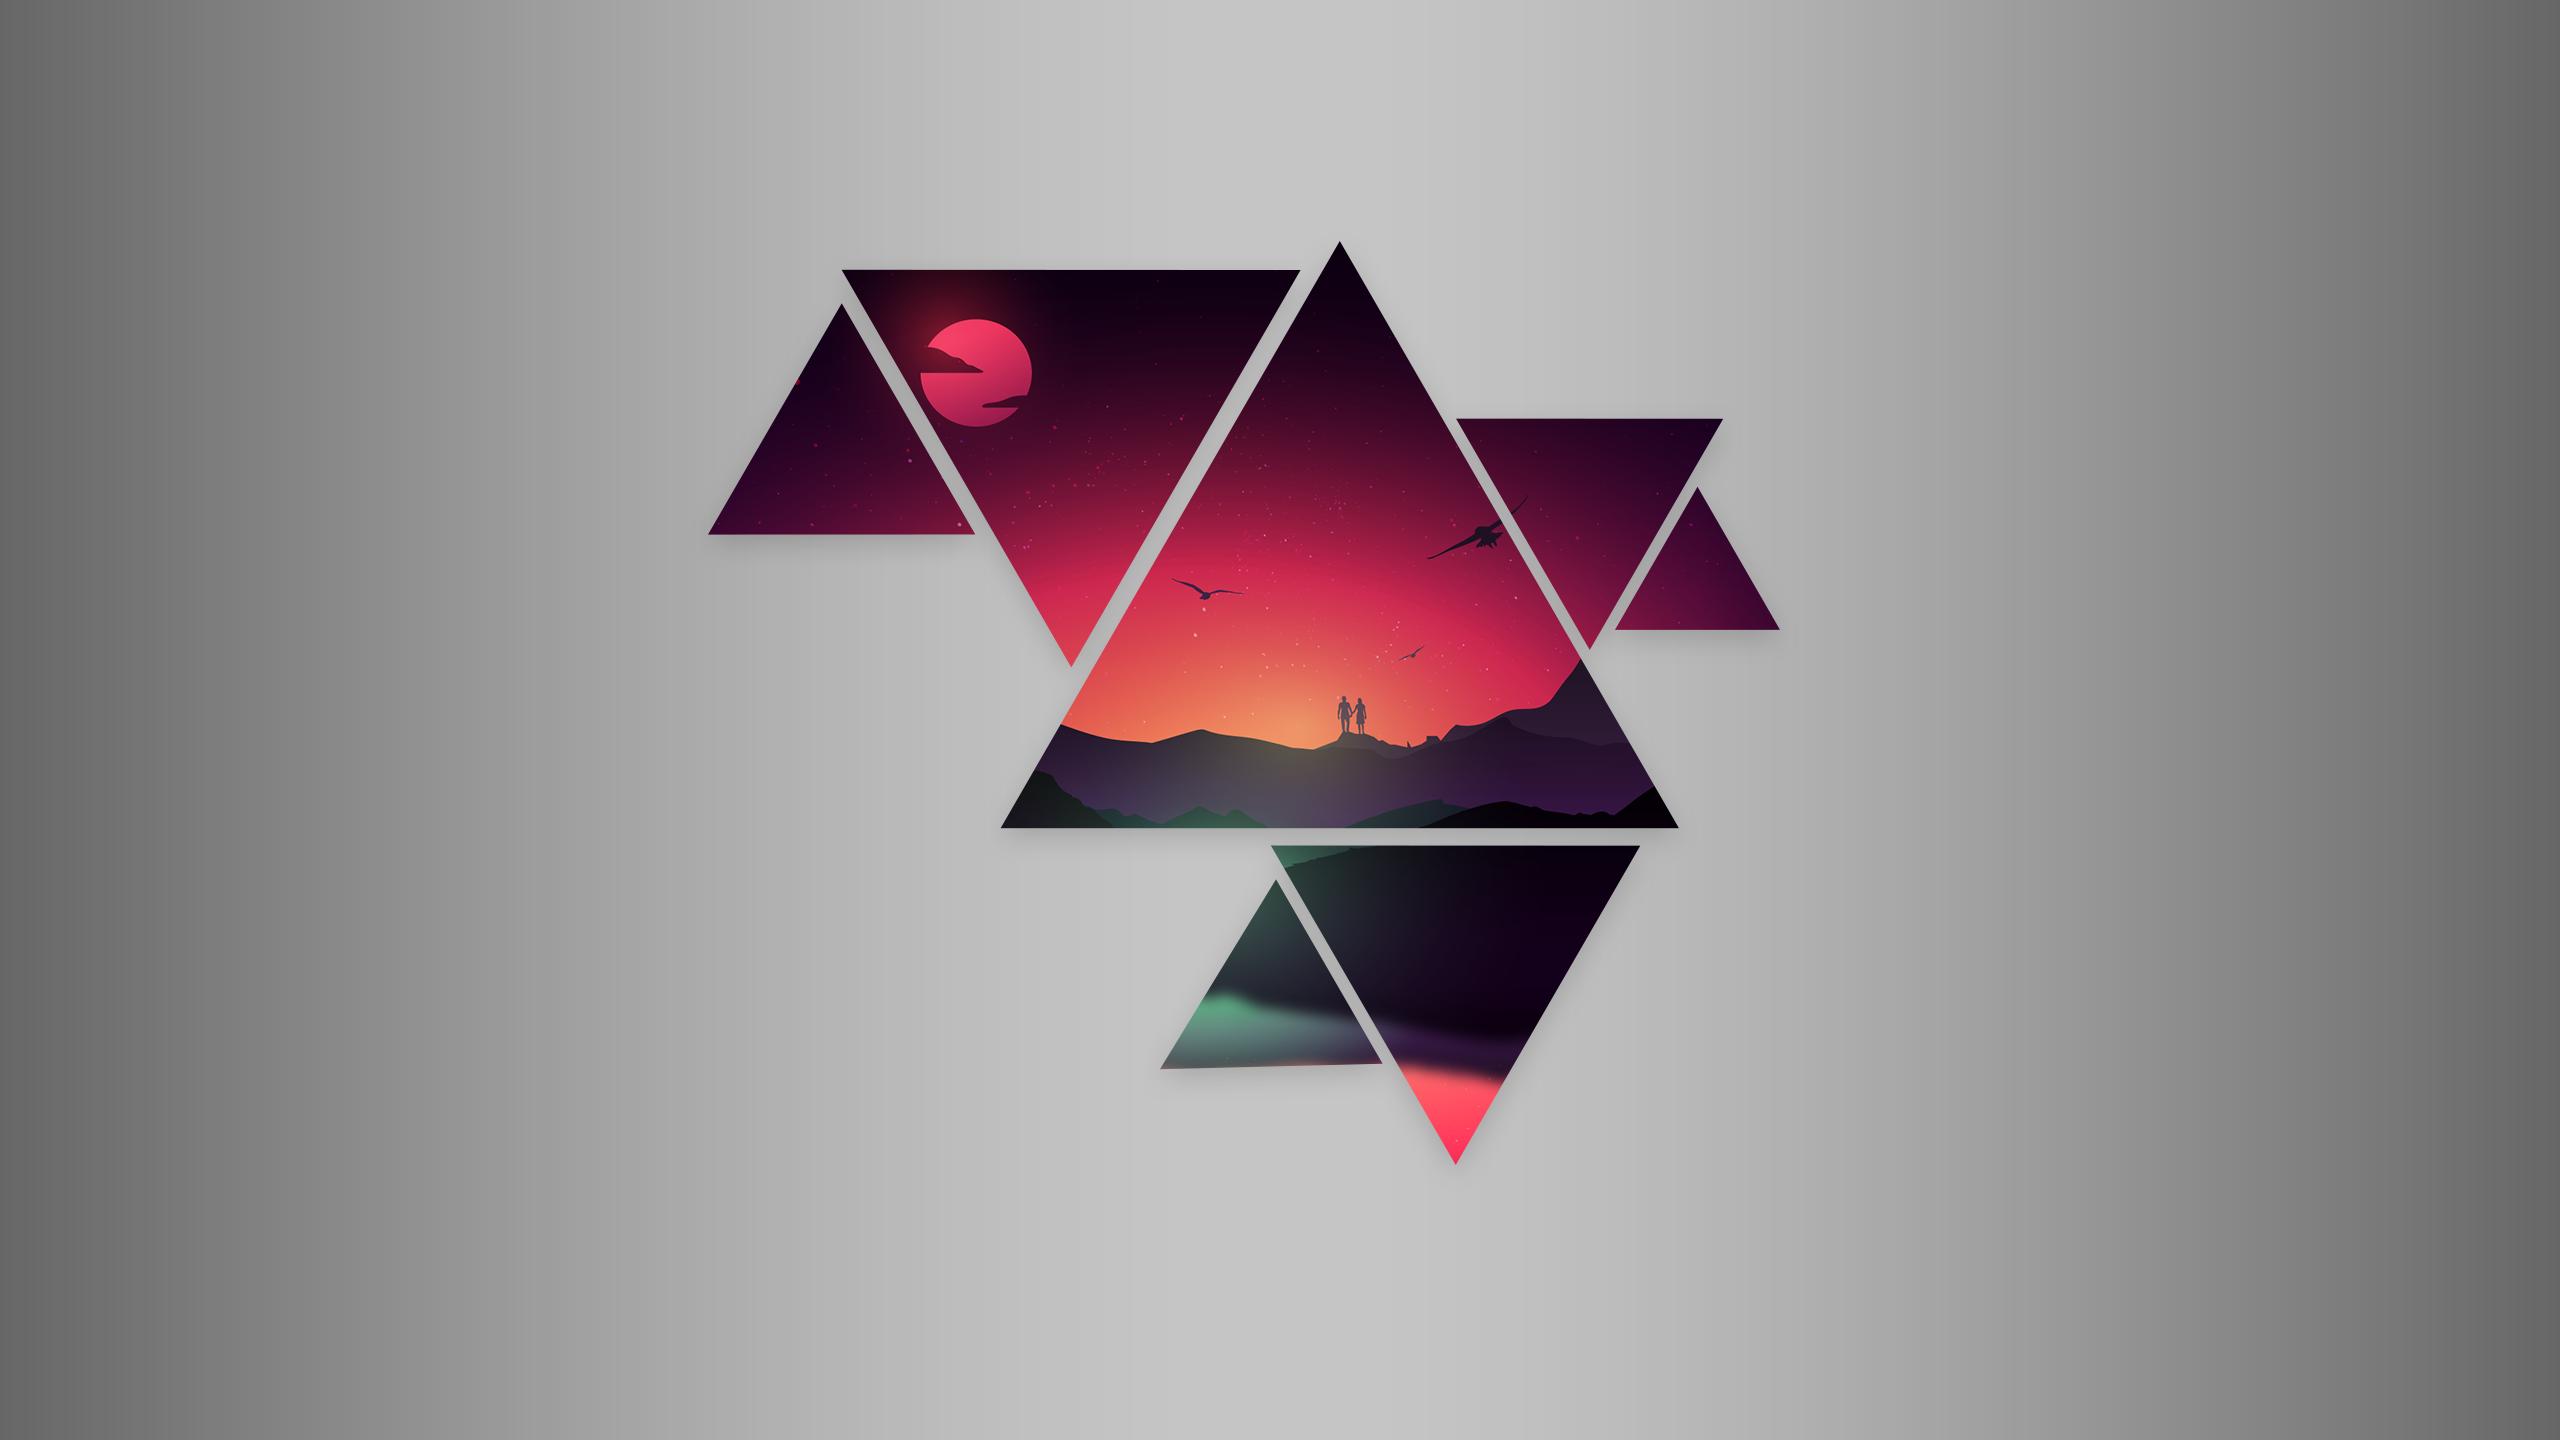 красивые картинки в треугольниках веселья позитива